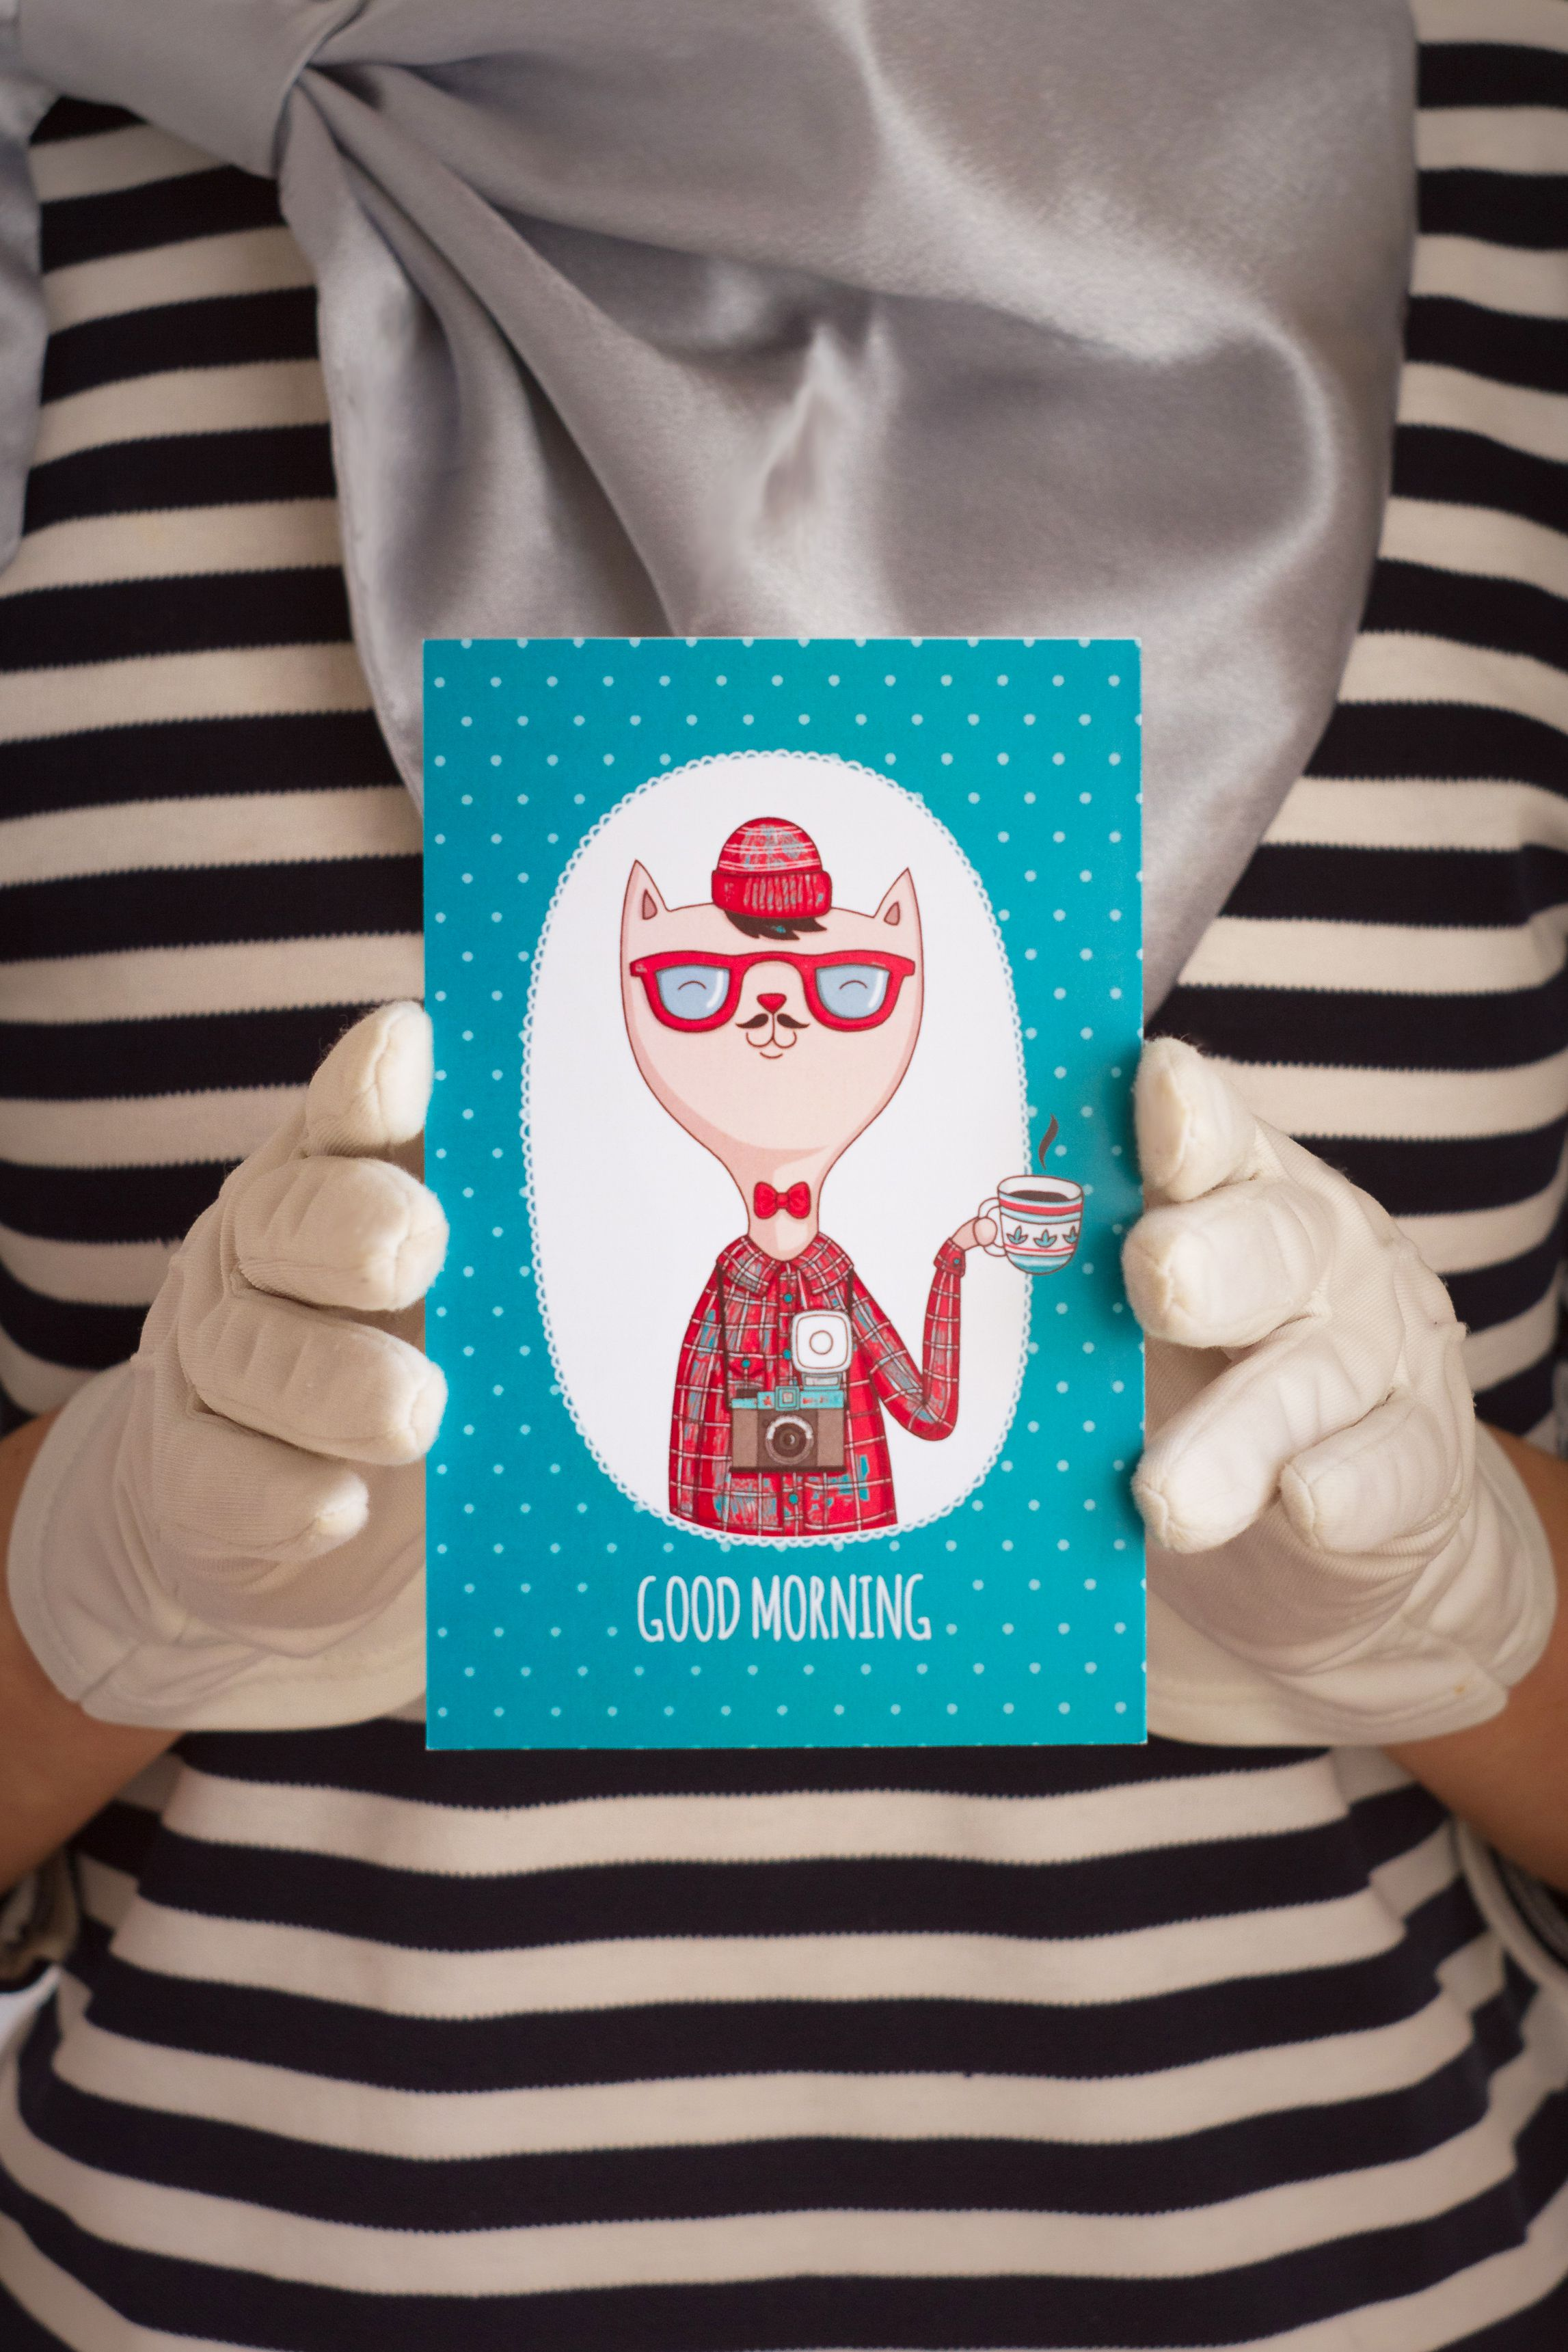 goodmorning открытка знаквнимания подарок сюрприз